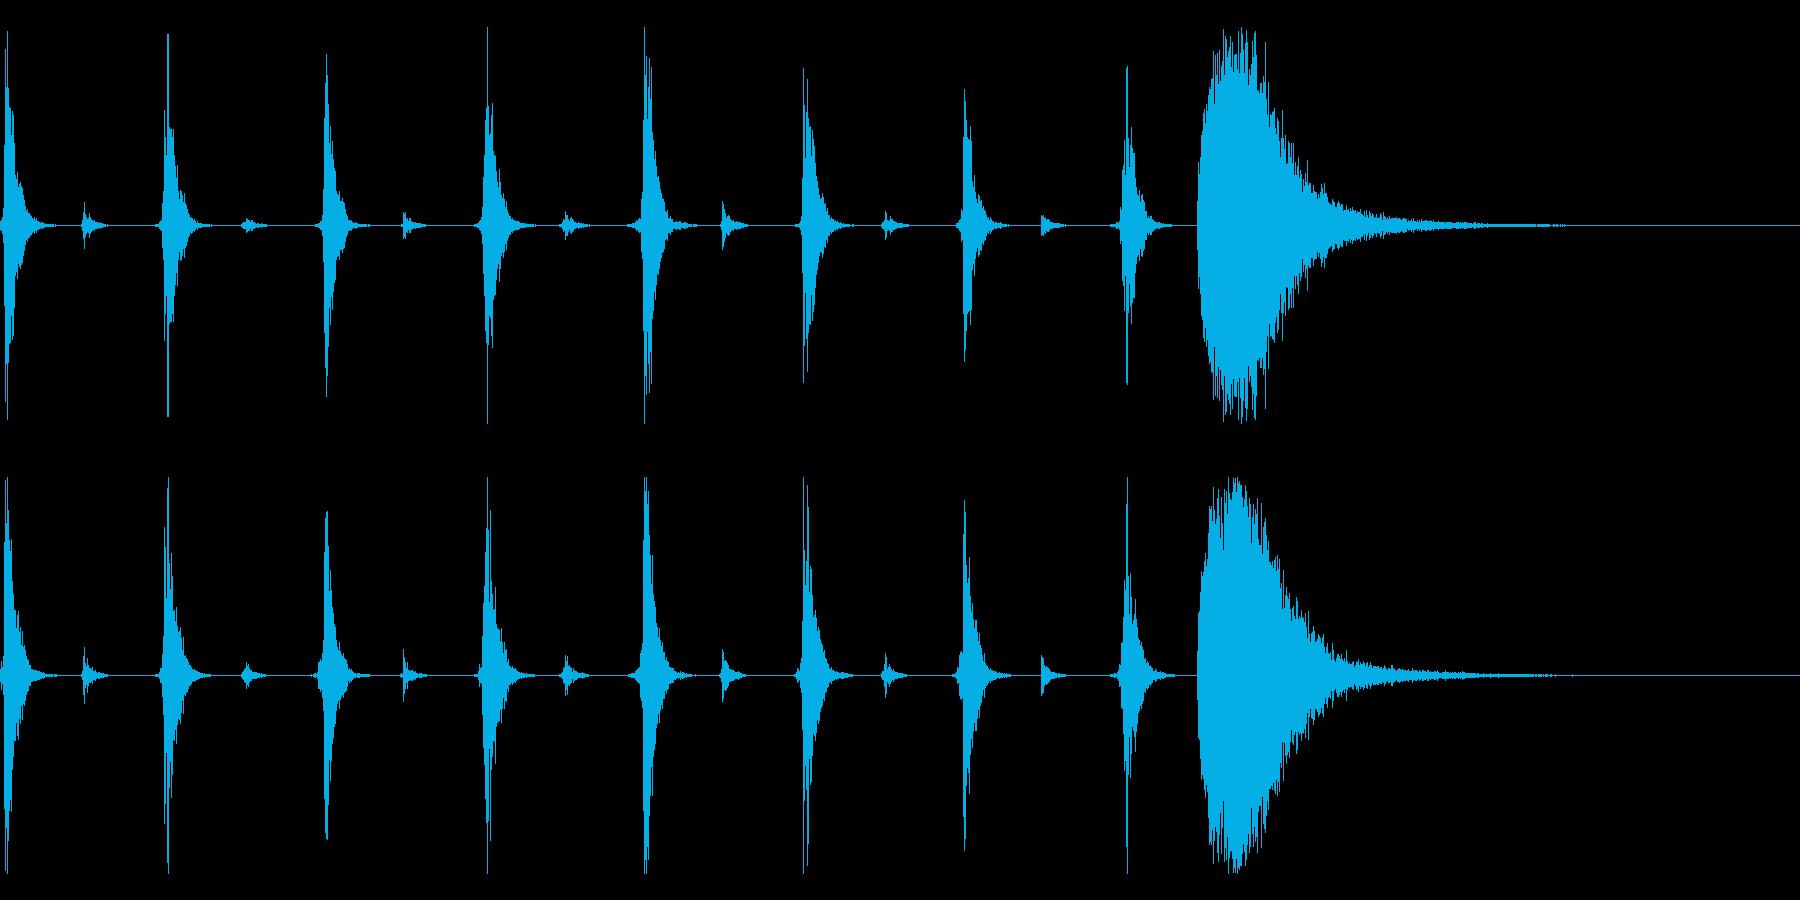 シンキングタイム用/秒針の効果音 !2の再生済みの波形